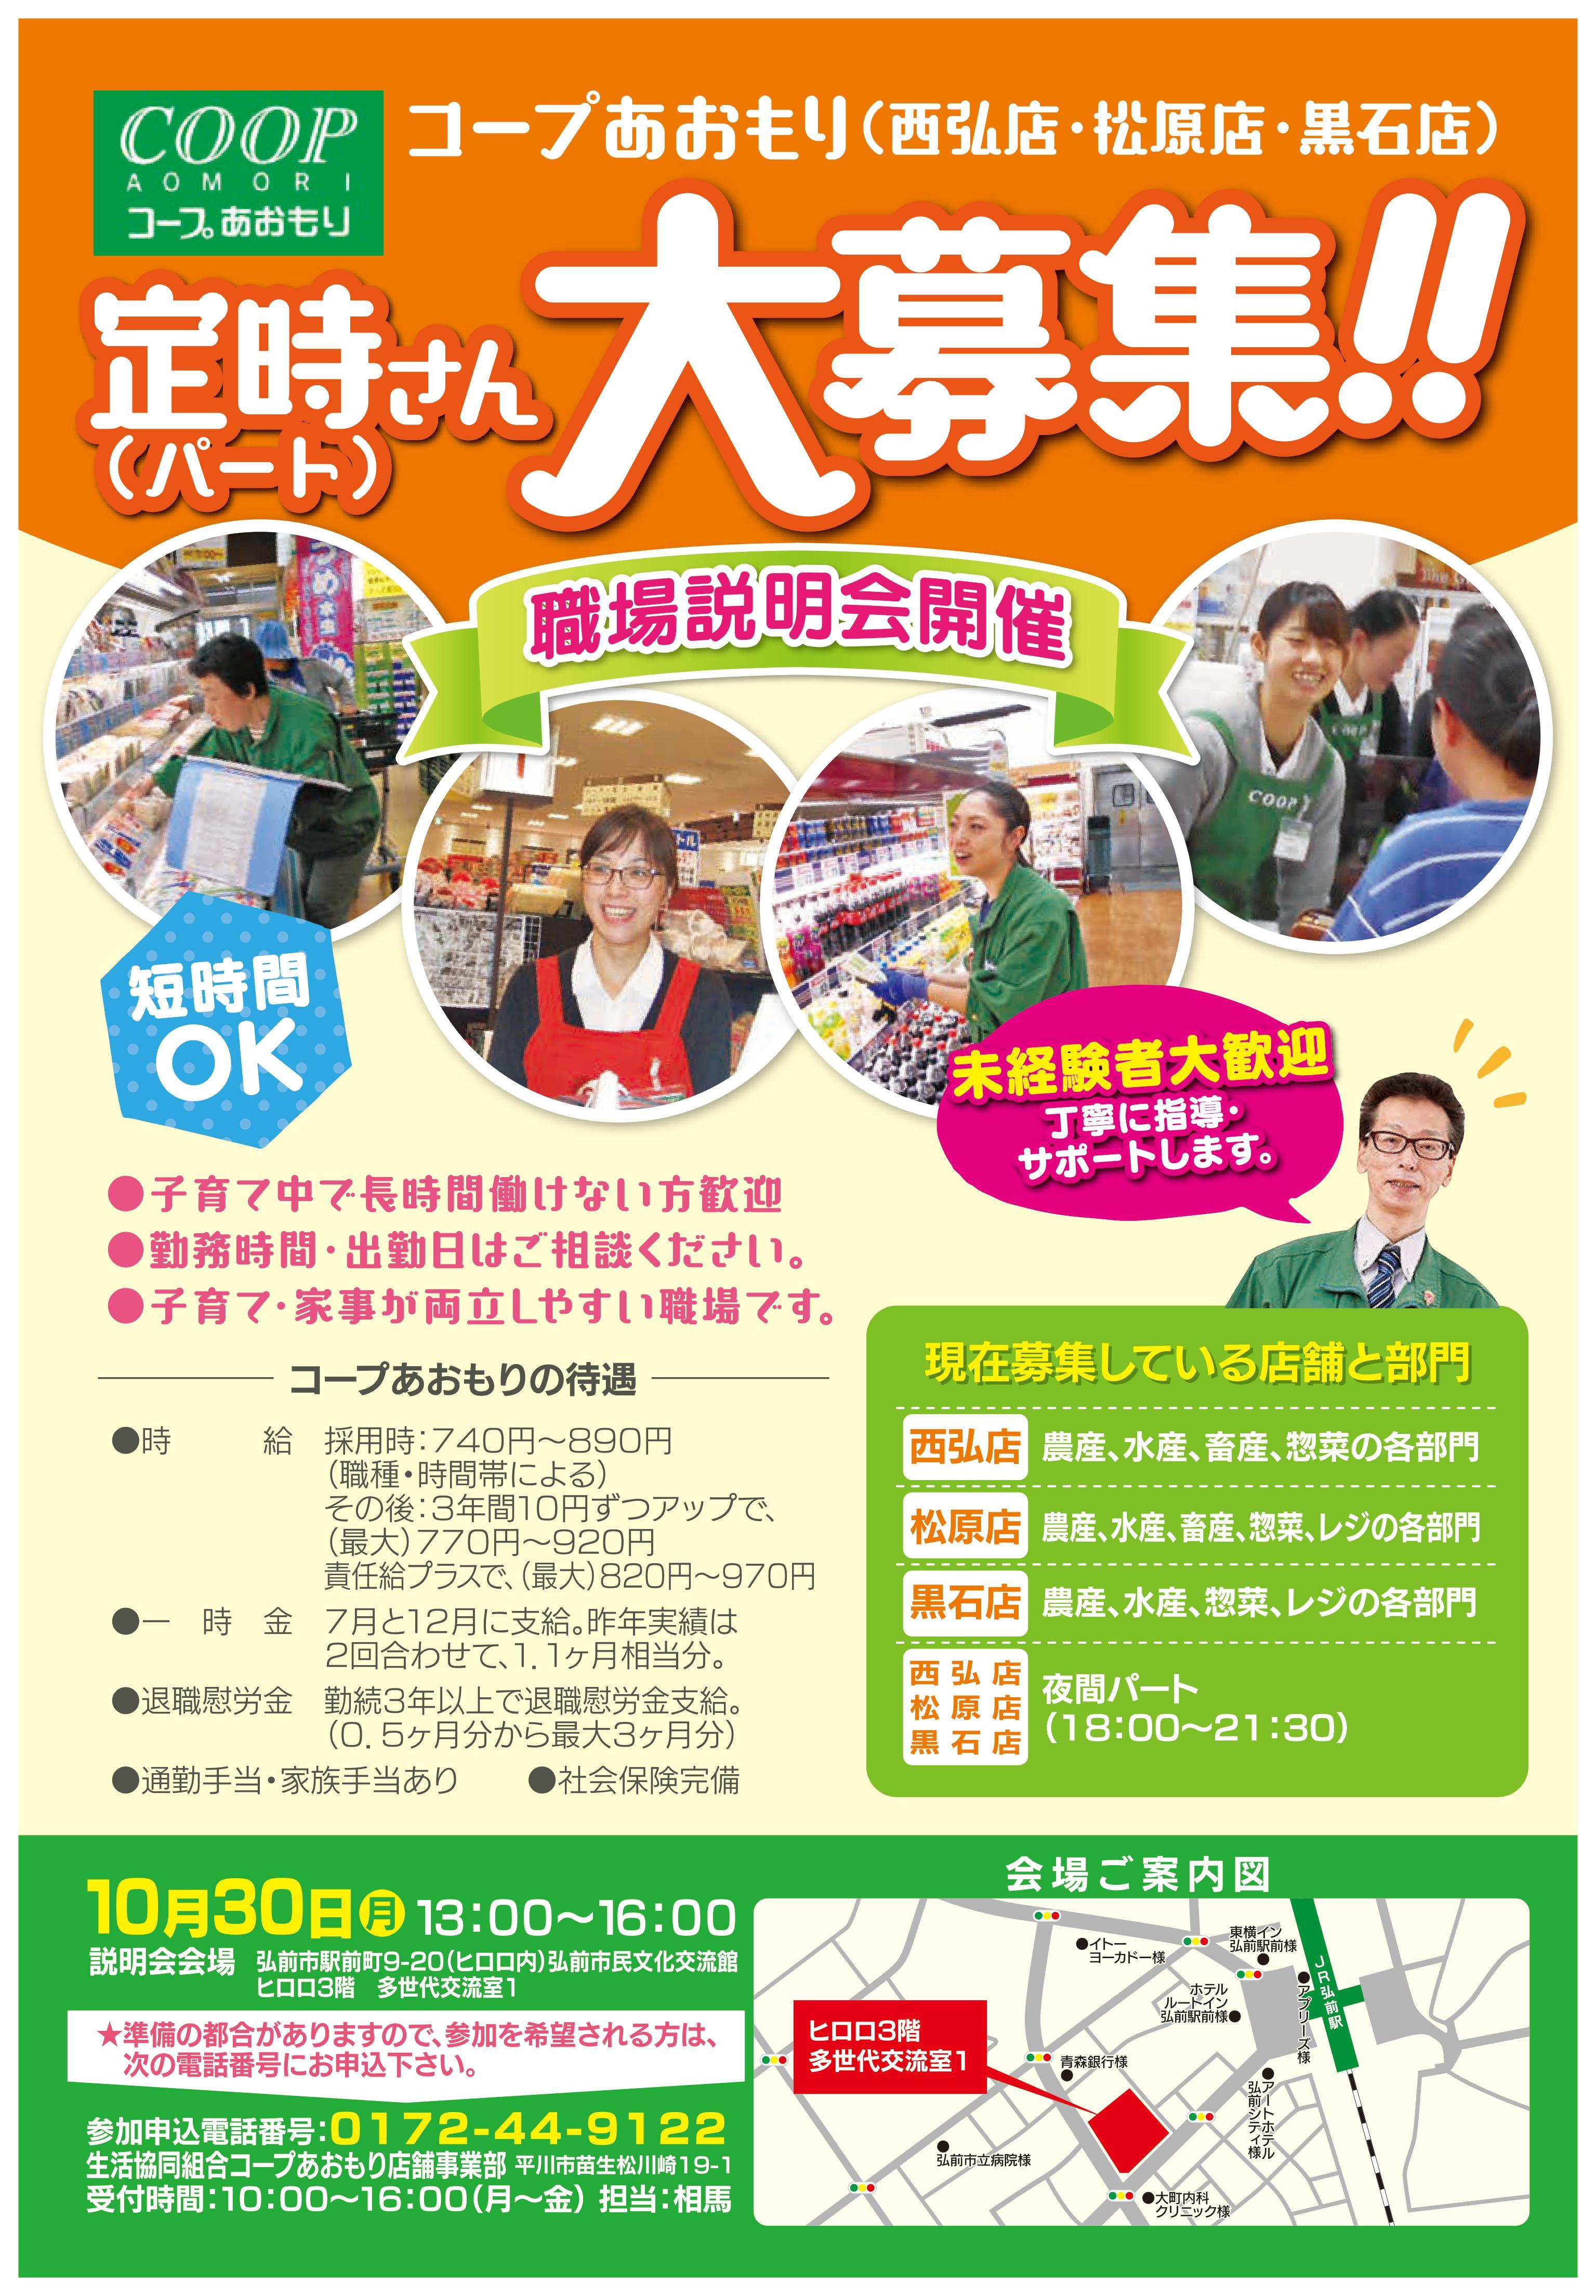 10/30「コープあおもり職場説明会」チラシ